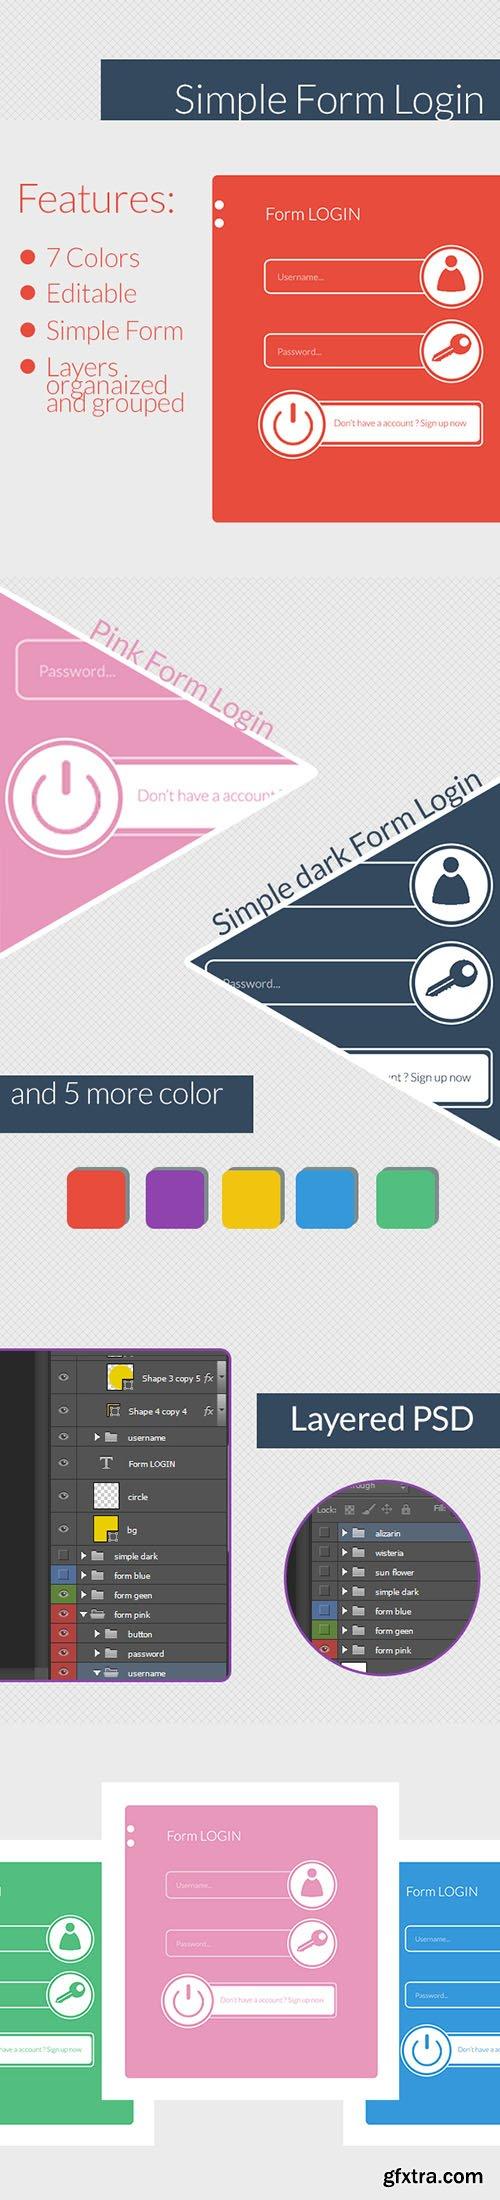 PSD Web Design - Simple Login Form 2014